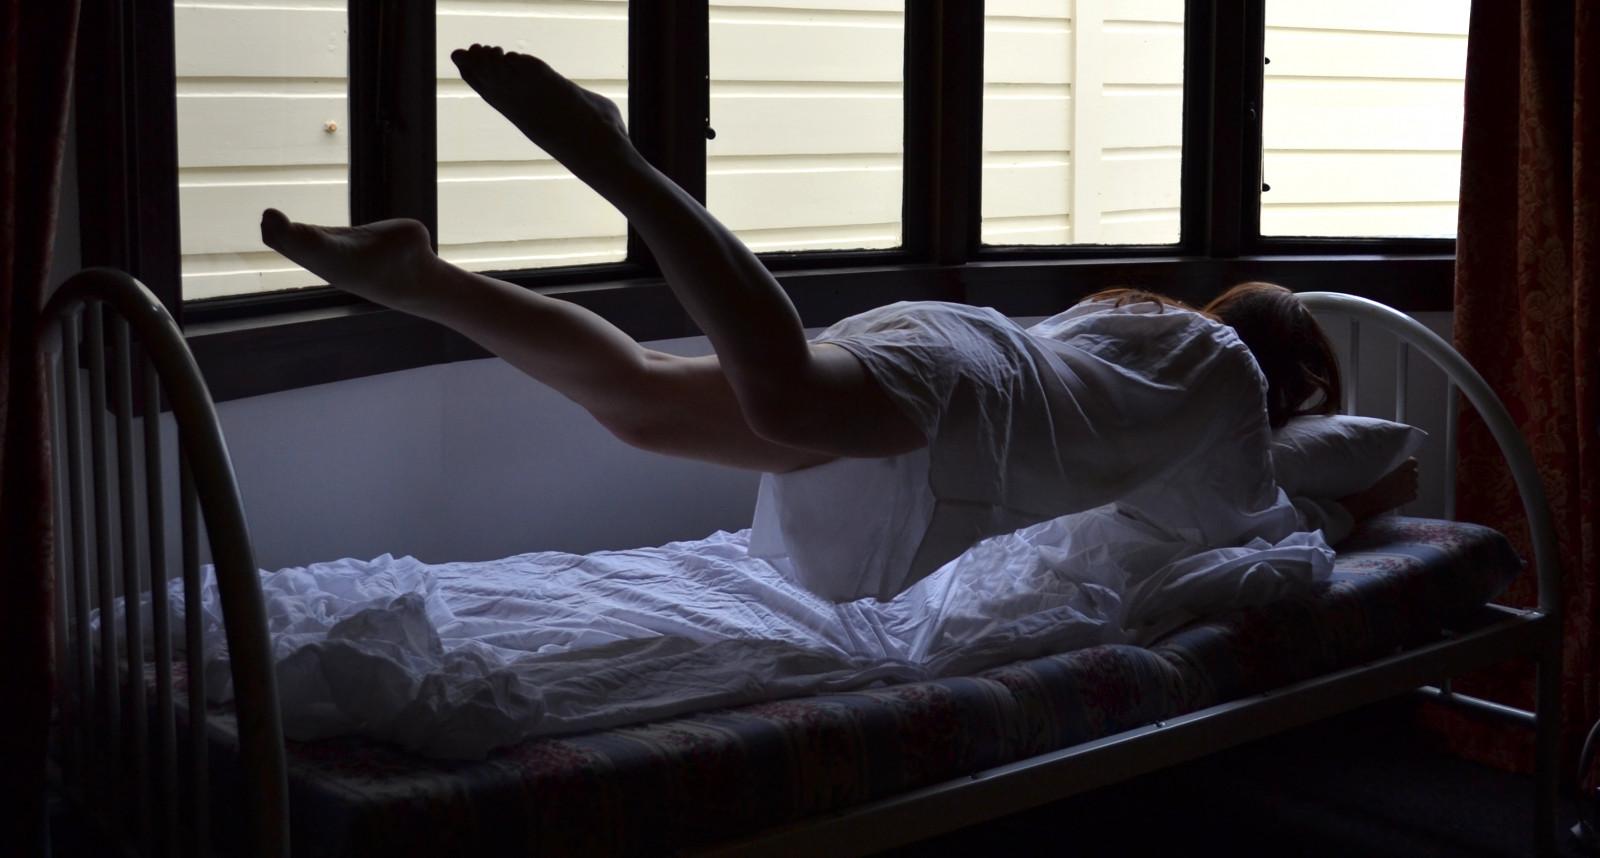 Черная комната в сновидении подчеркивает, что в вашей душе накопилось много злости, и это главная причина постоянных ссор с близкими.